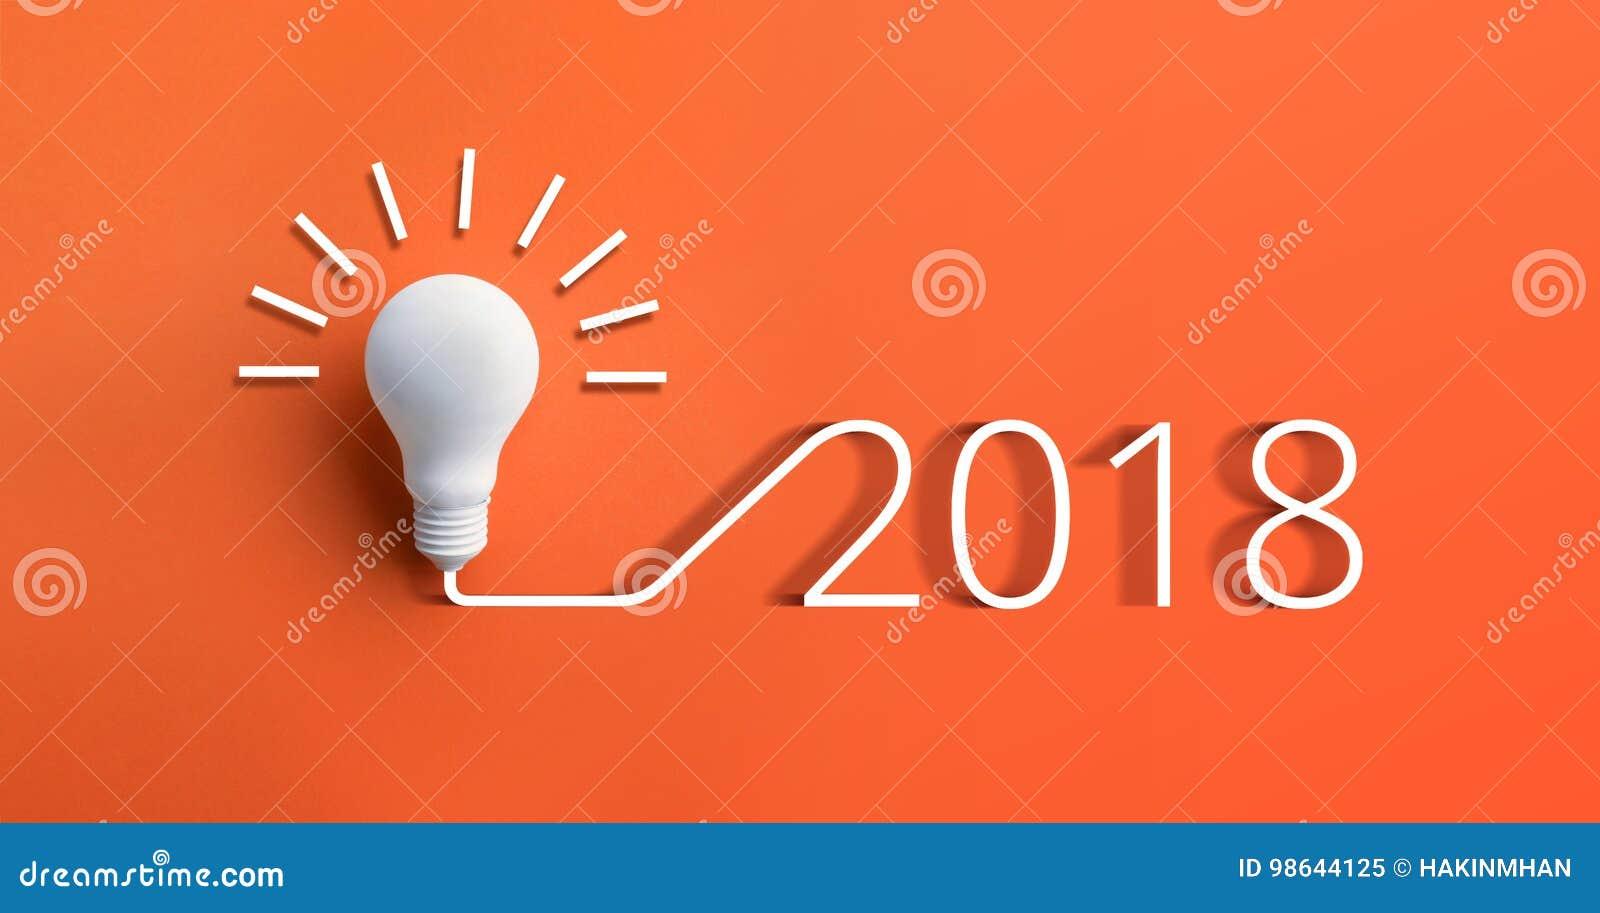 Concetti 2018 di ispirazione di creatività con la lampadina